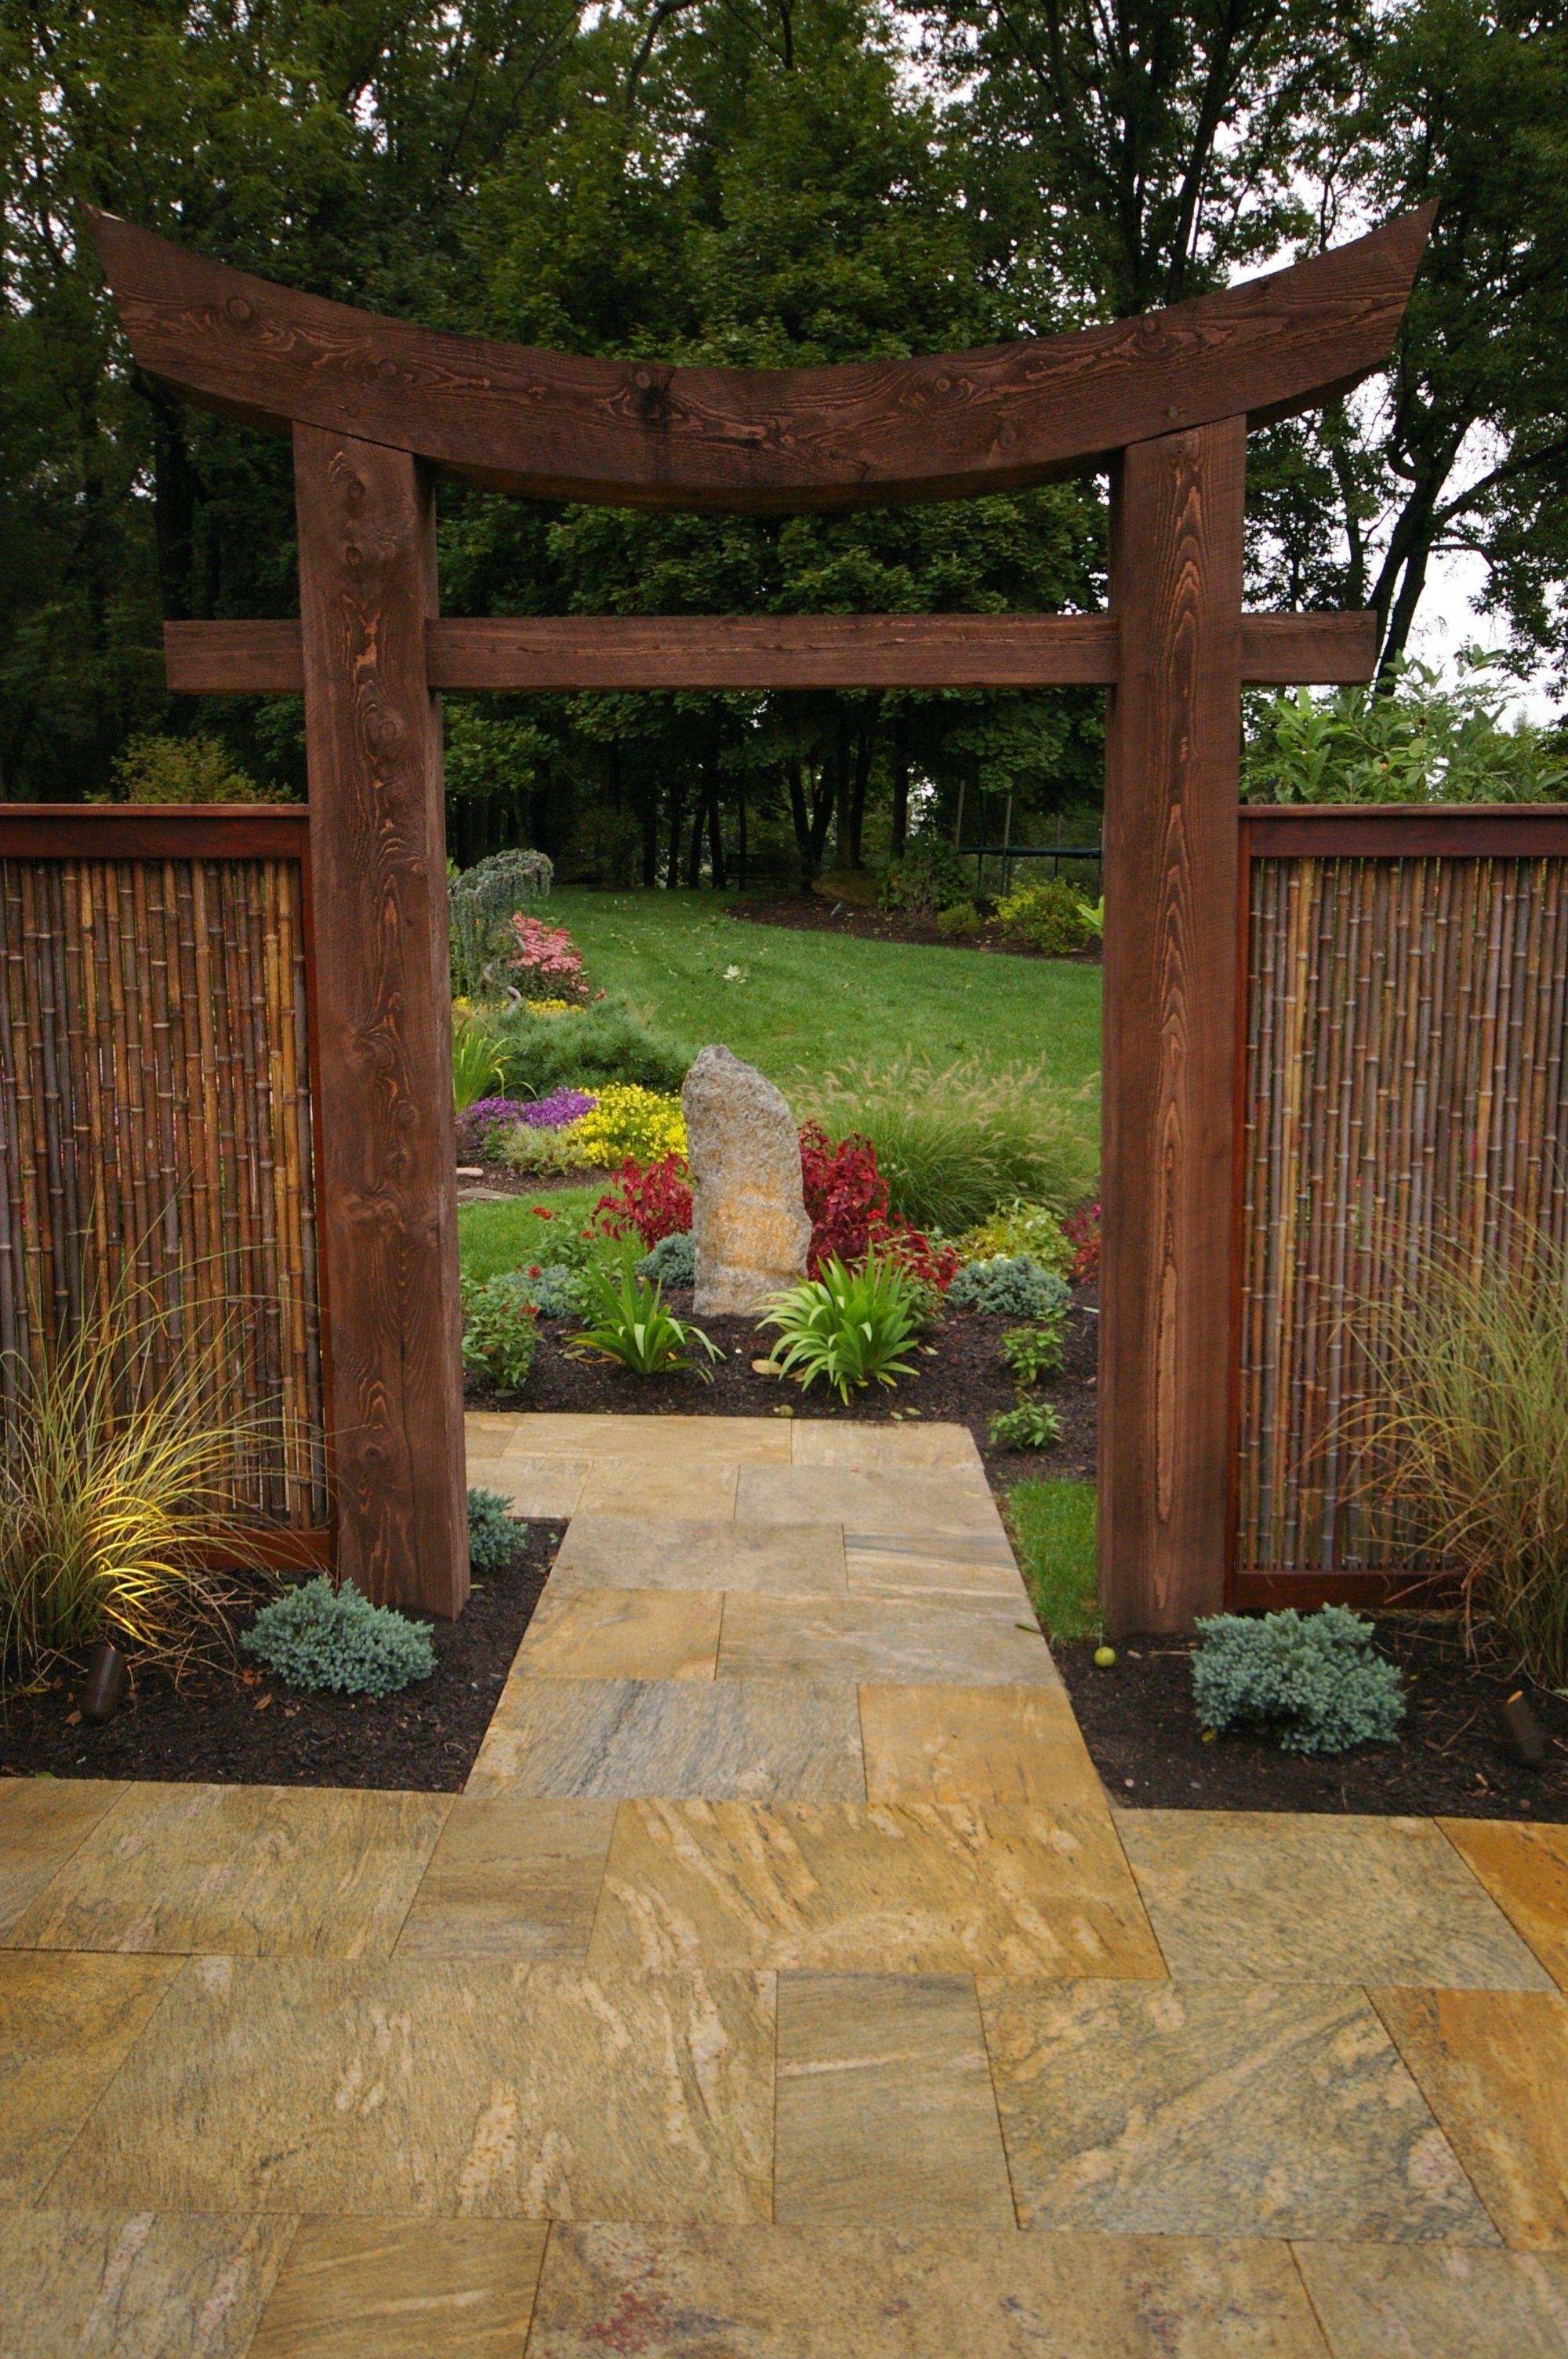 Salon De Jardin Asiatique arche asiatique | décoration jardin japonais, déco jardin